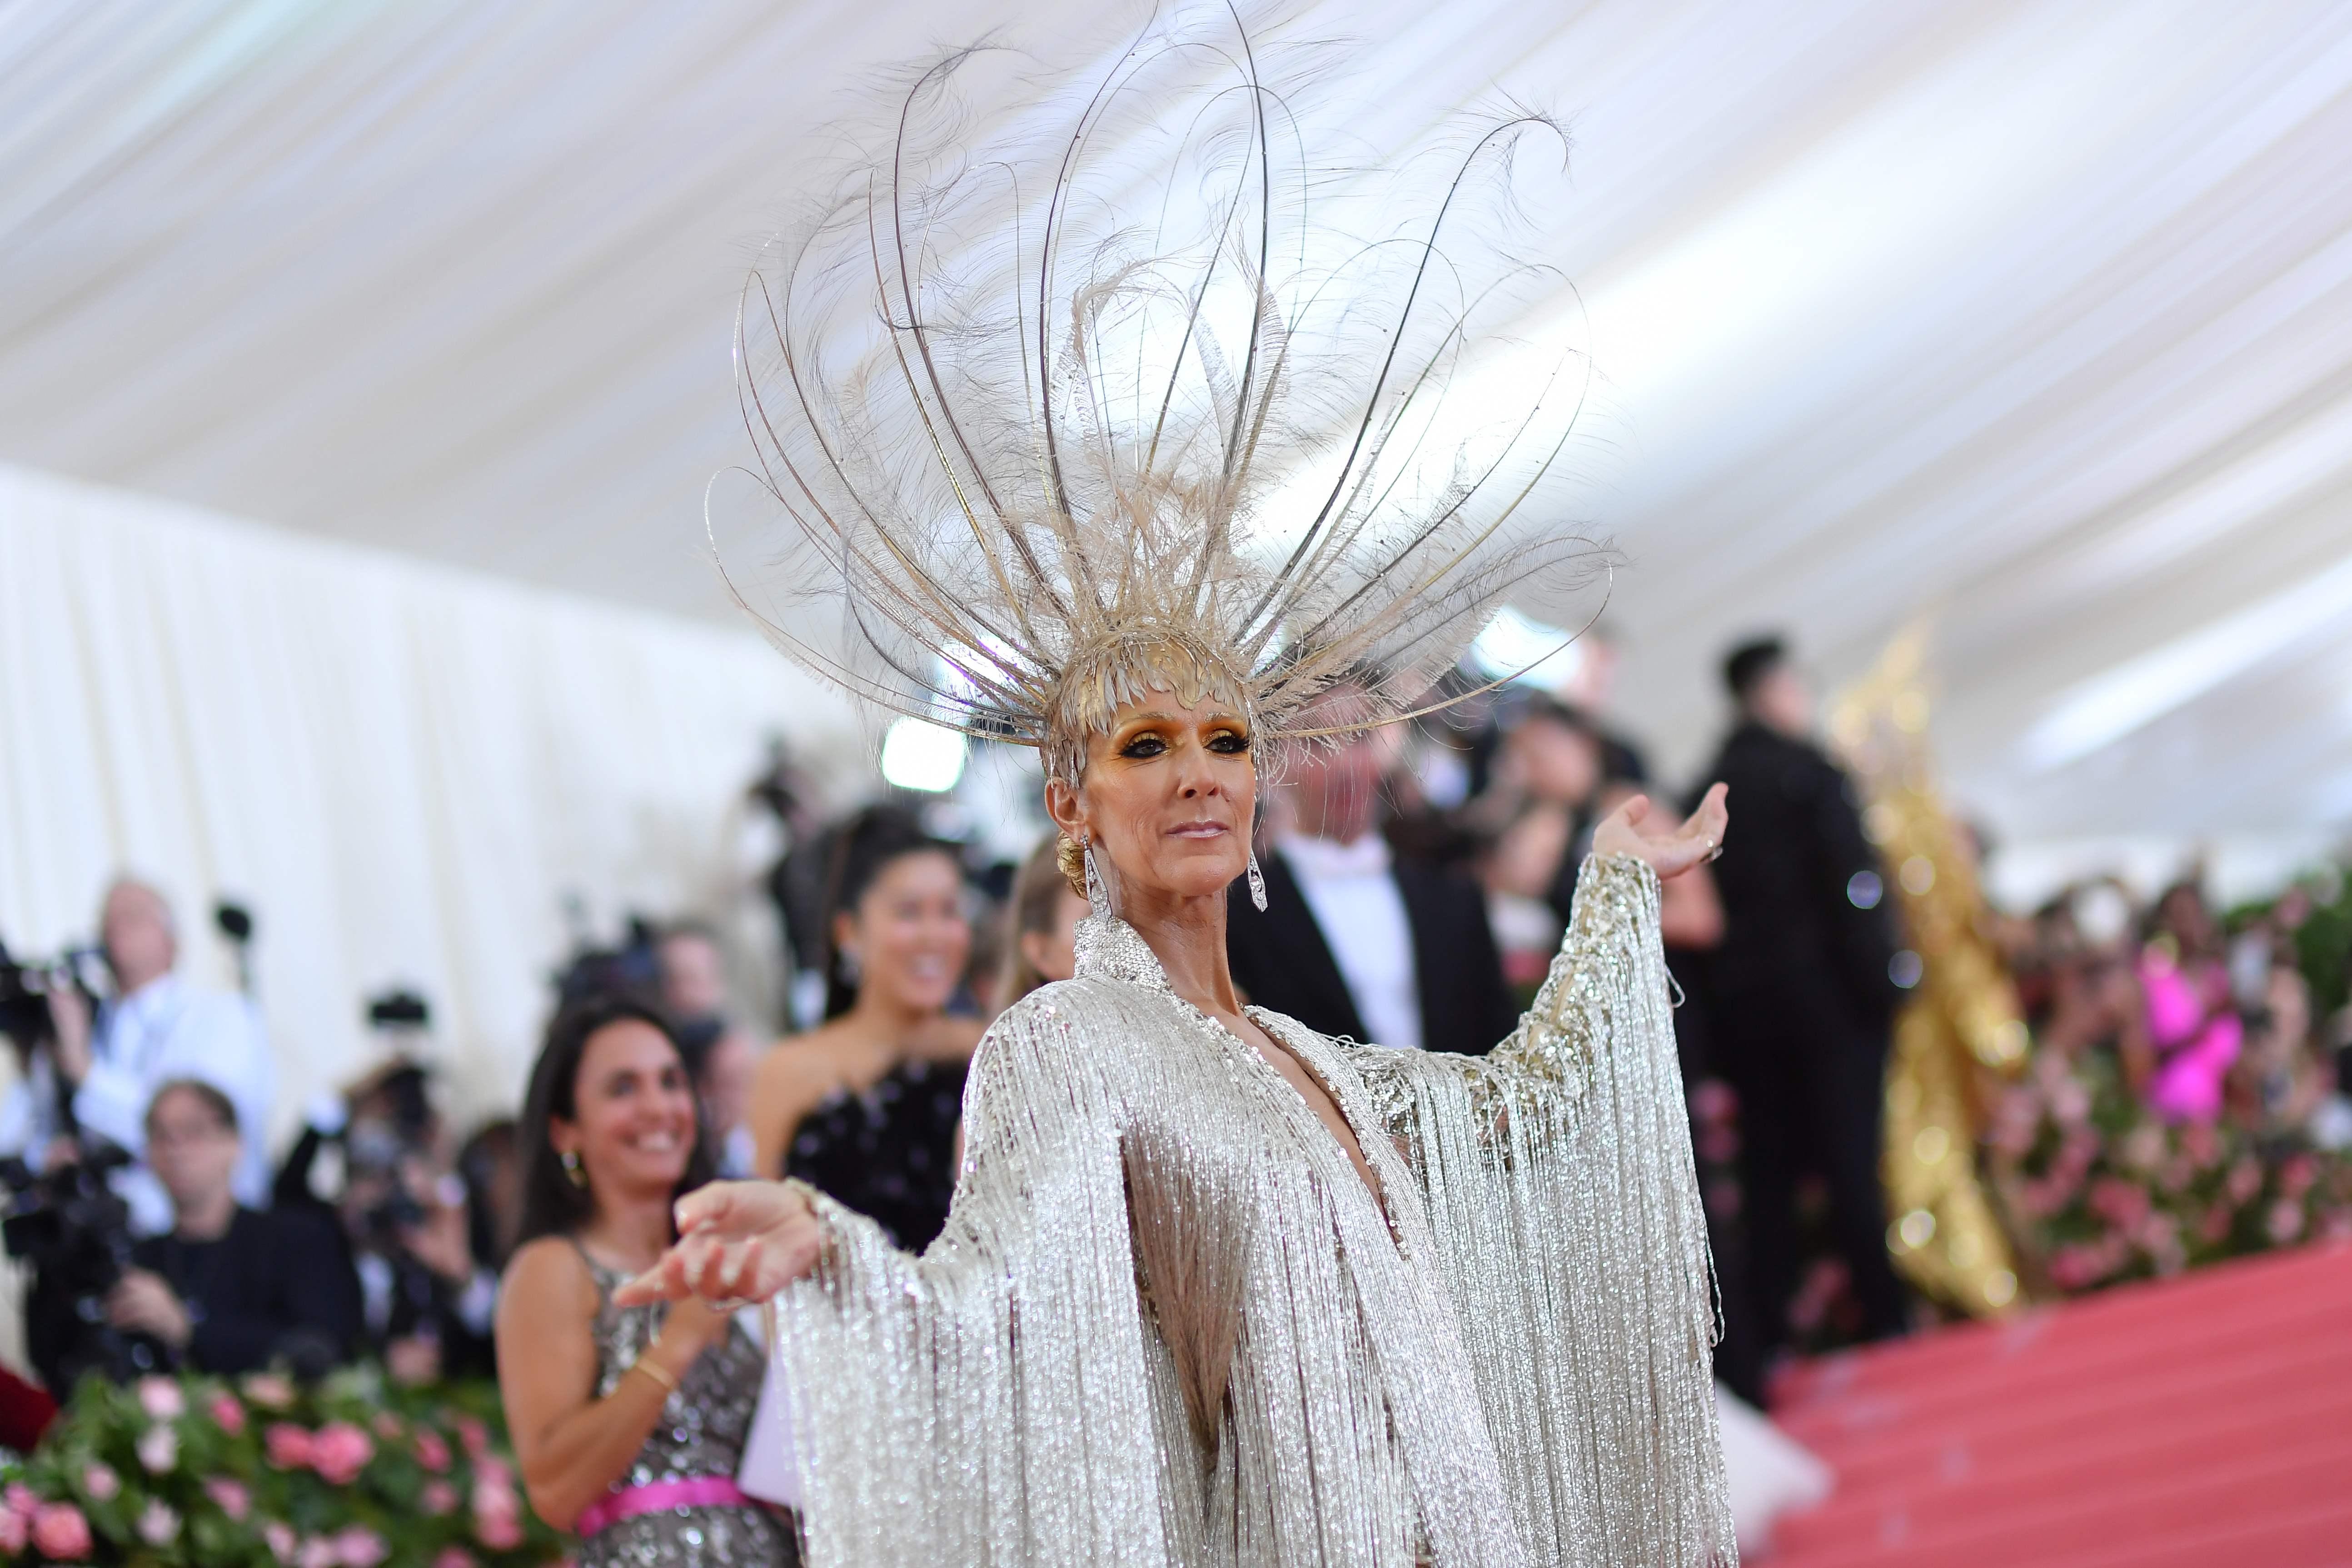 Celine Dion wearing Oscar de la Renta.